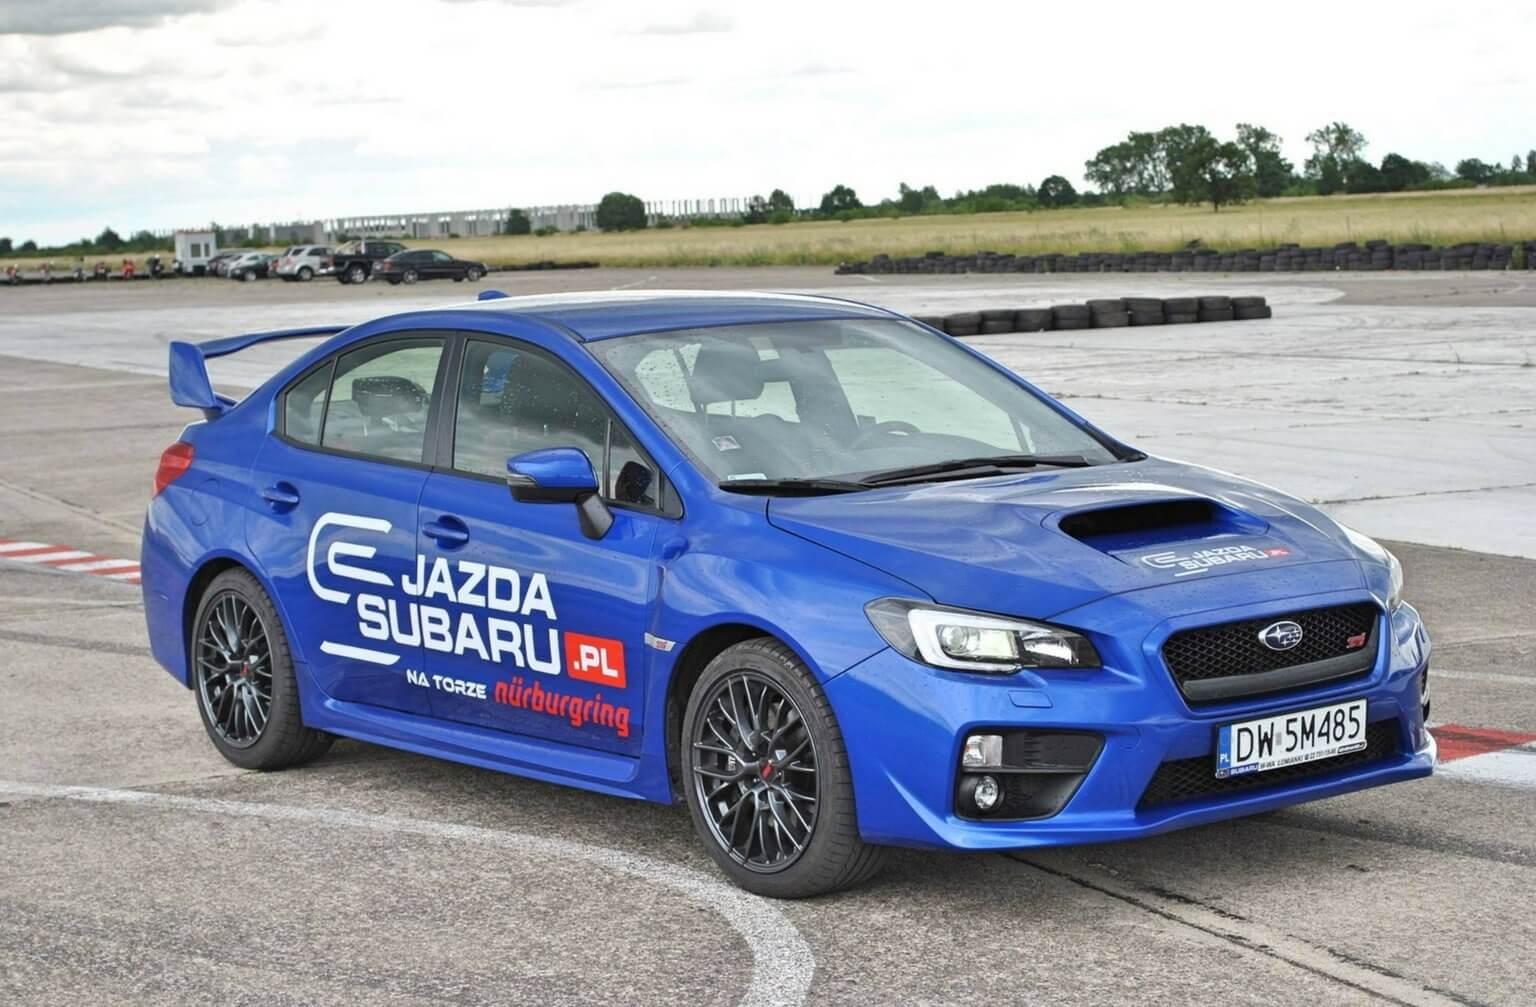 Jazda Subaru WRX